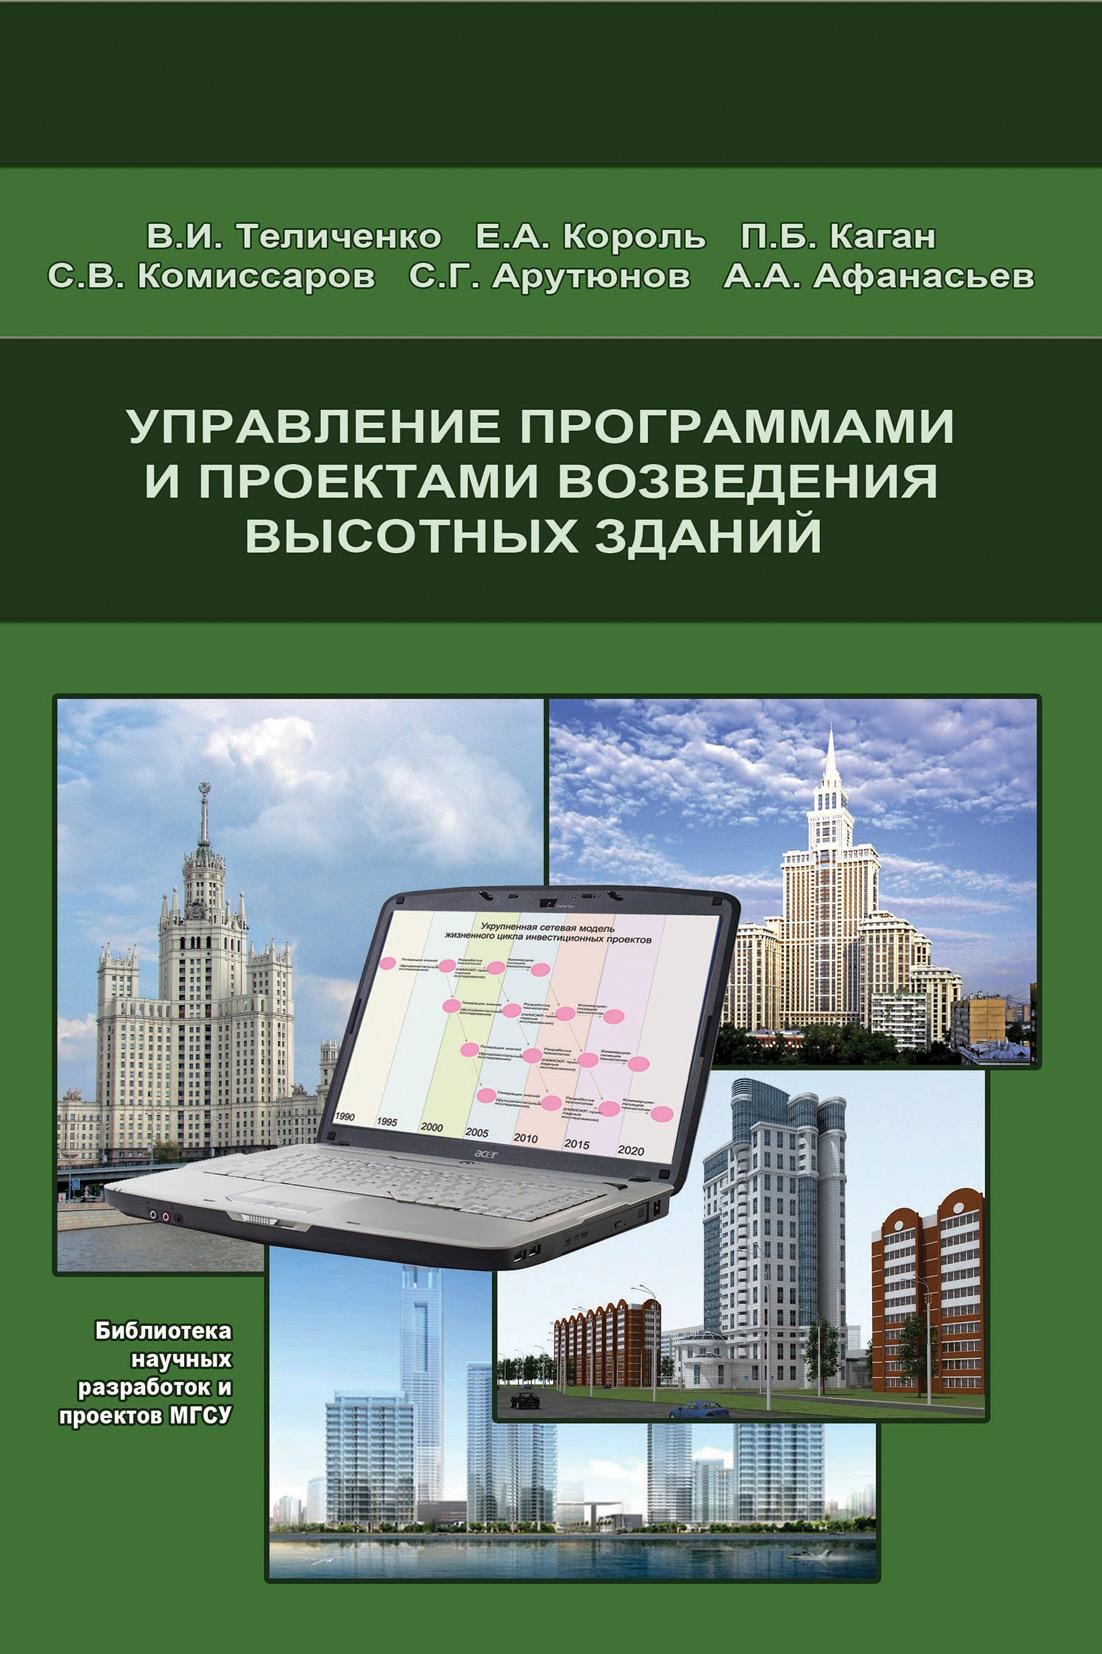 Е. А. Король Управление программами и проектами возведения высотных зданий цена